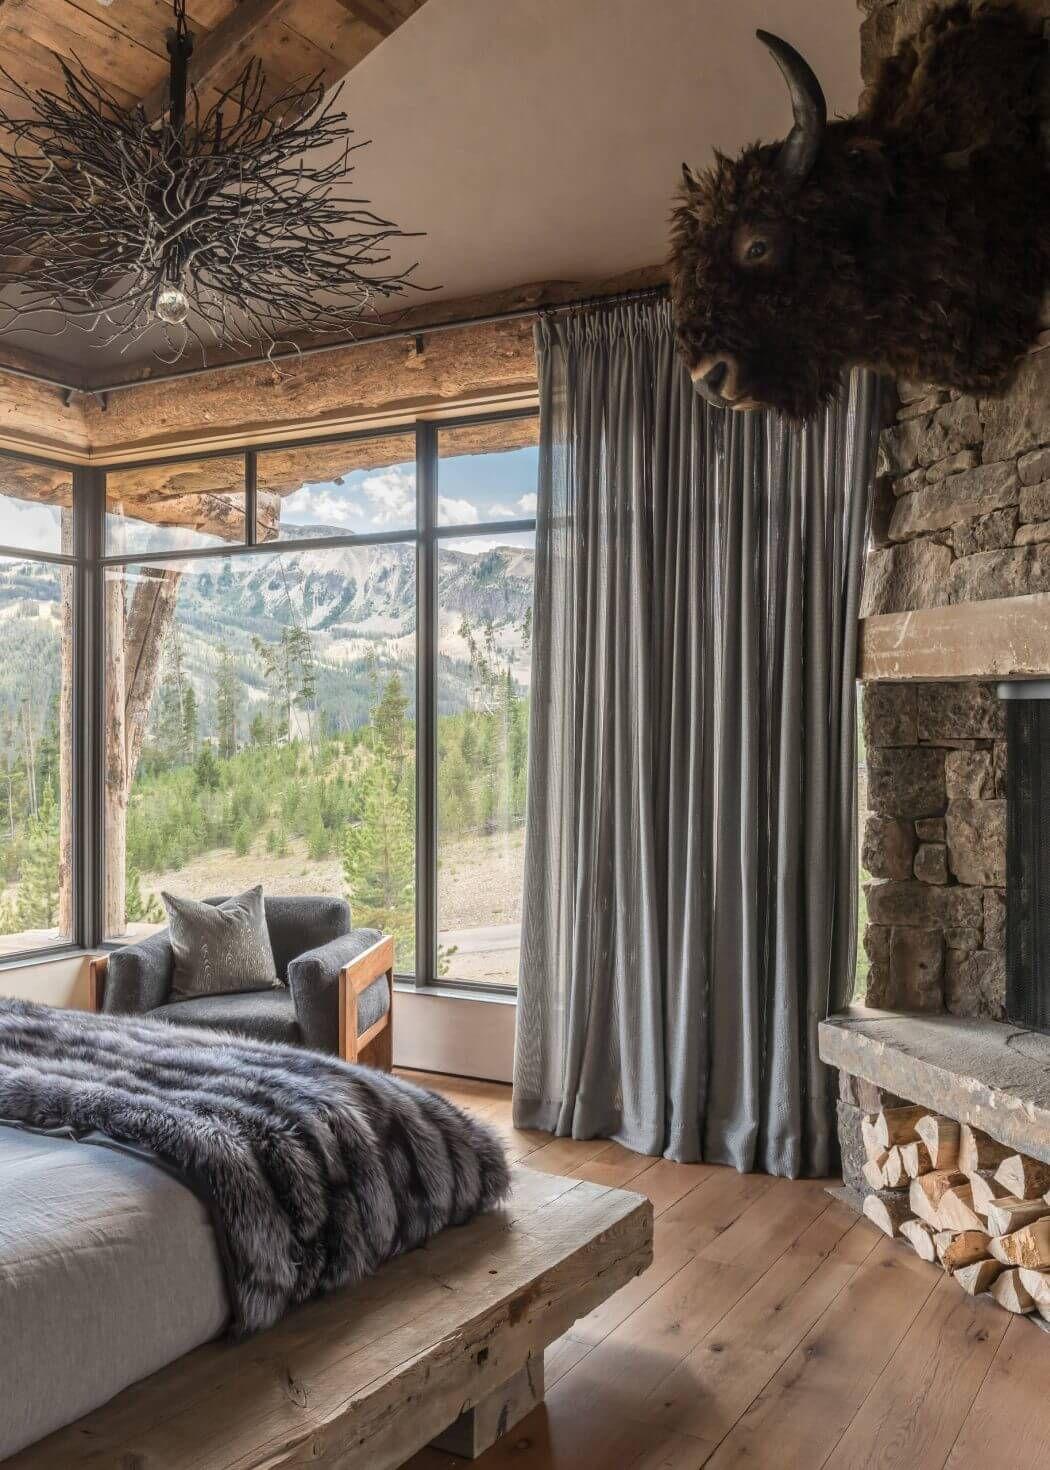 Pin von Stephanie Masko auf A room in the mountains | Pinterest ...